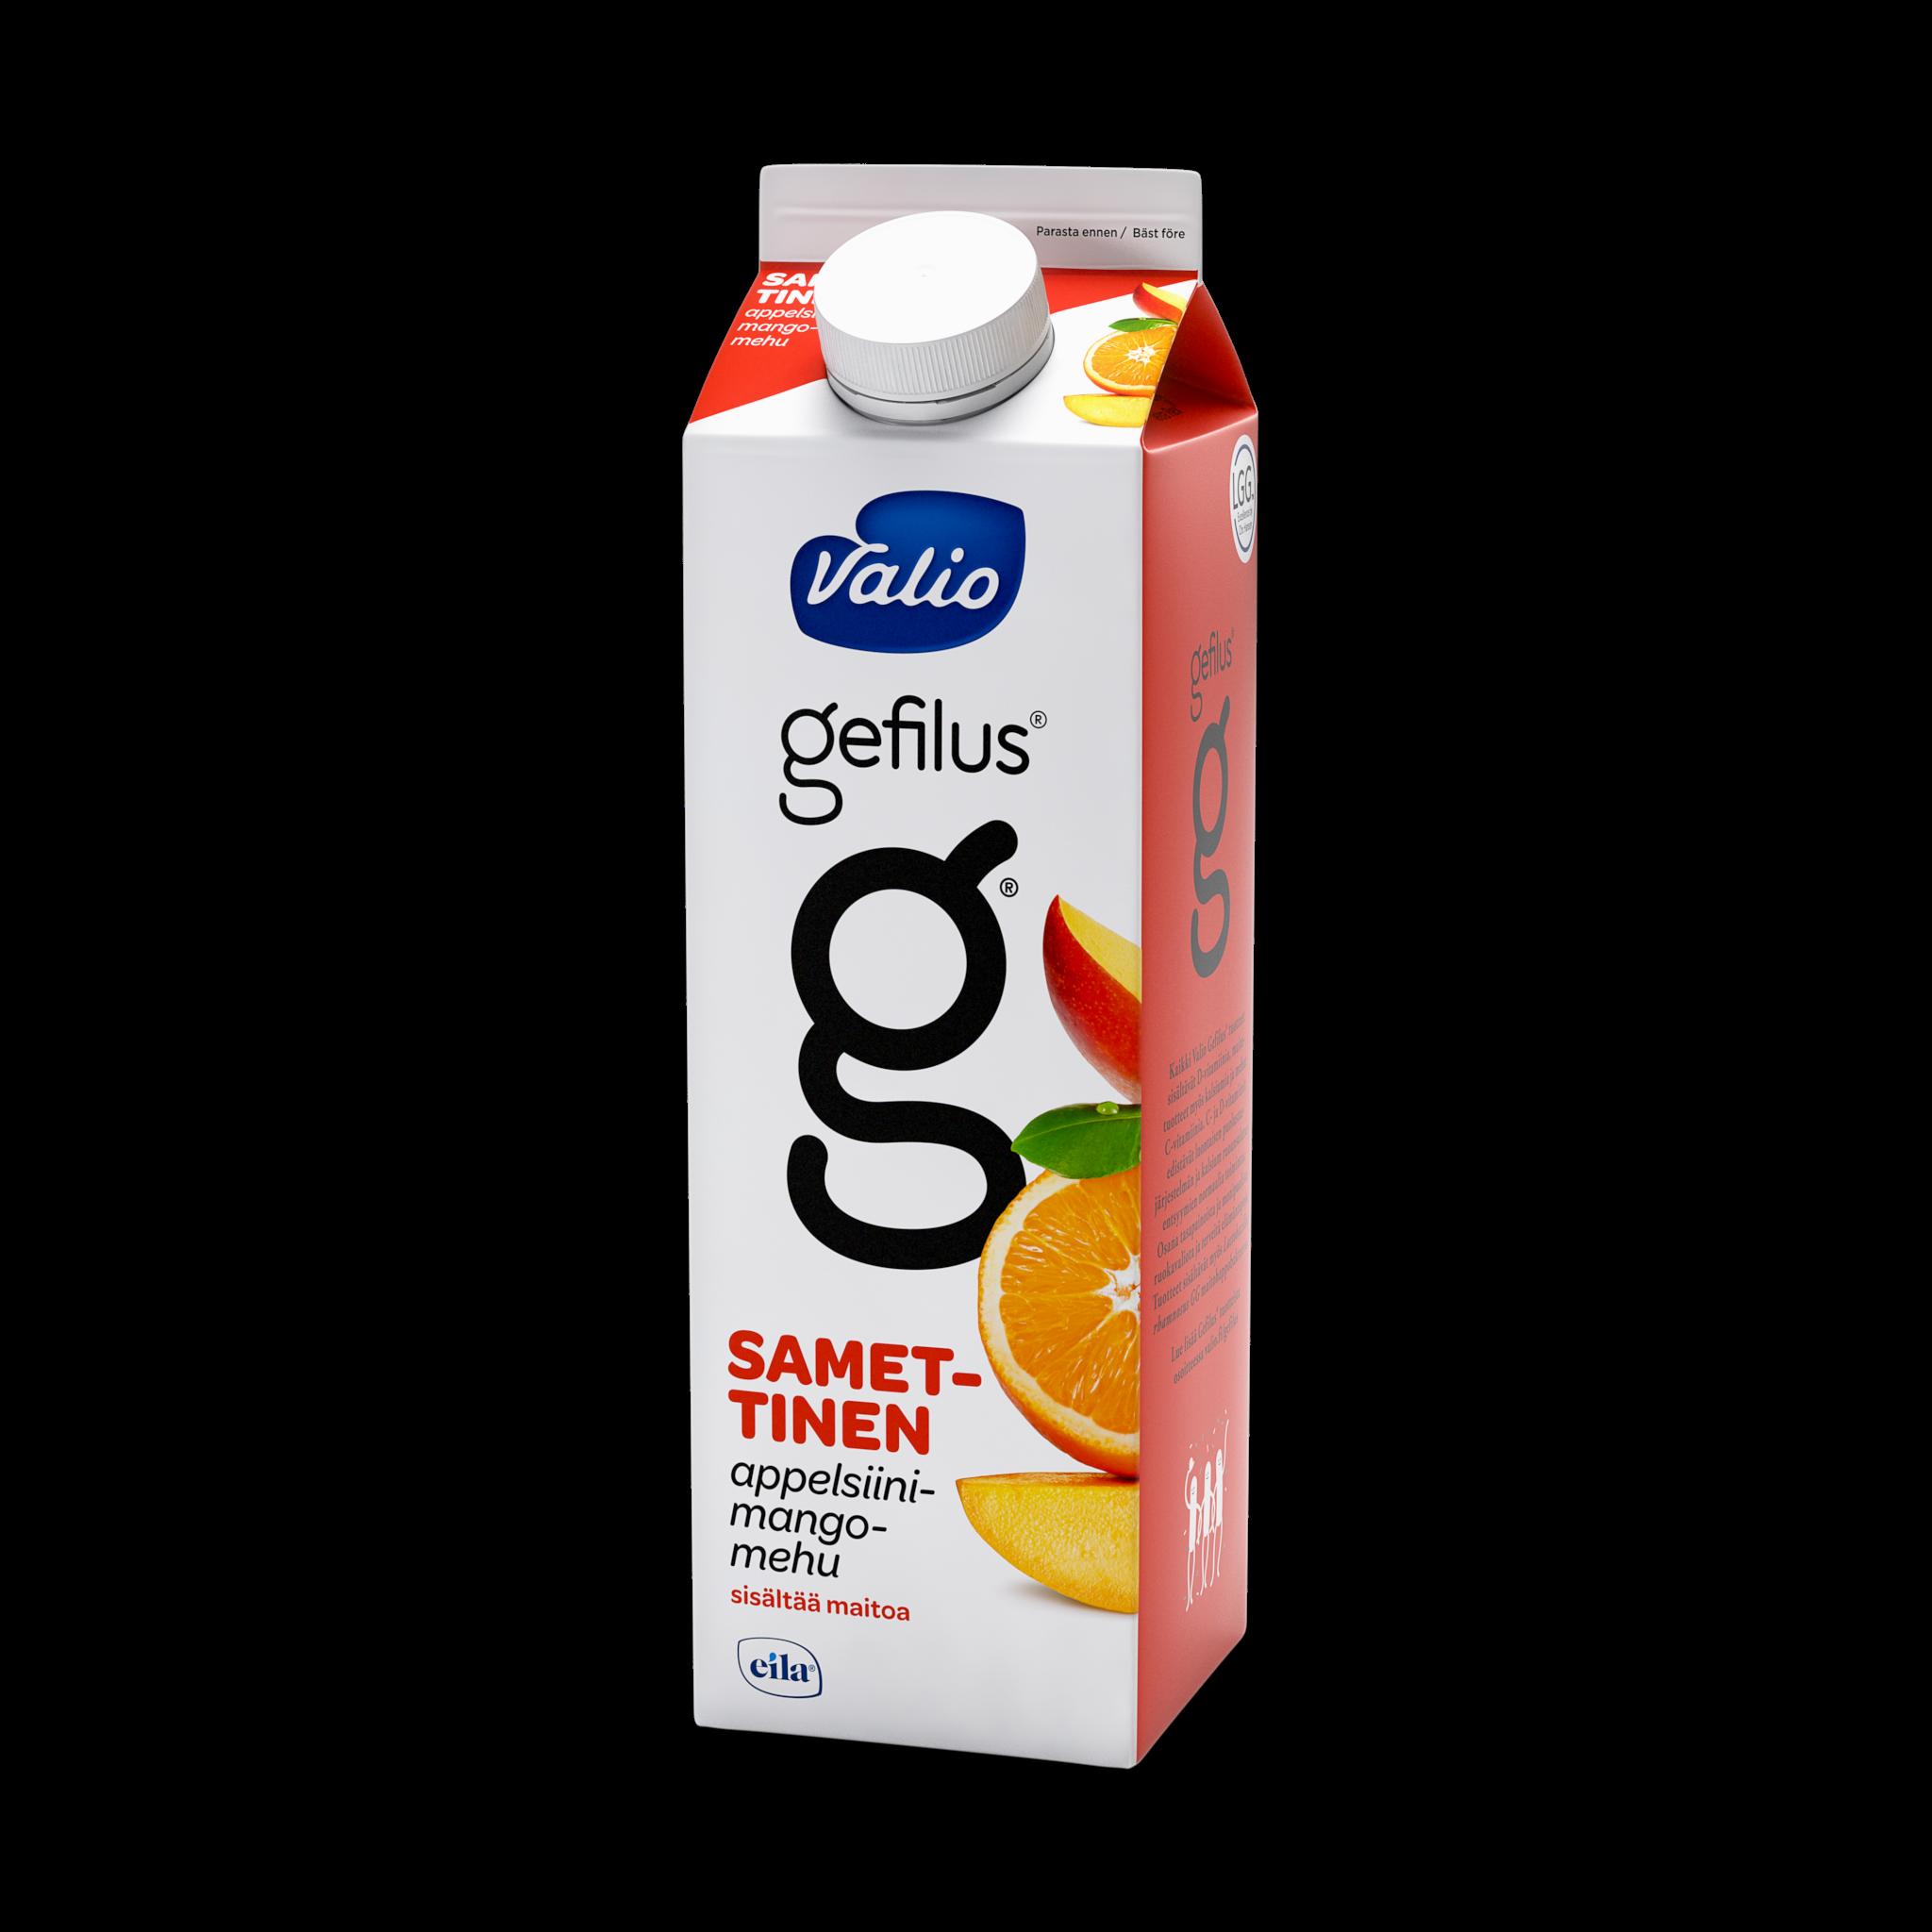 Valio Gefilus® mehumaito appelsiini-mango